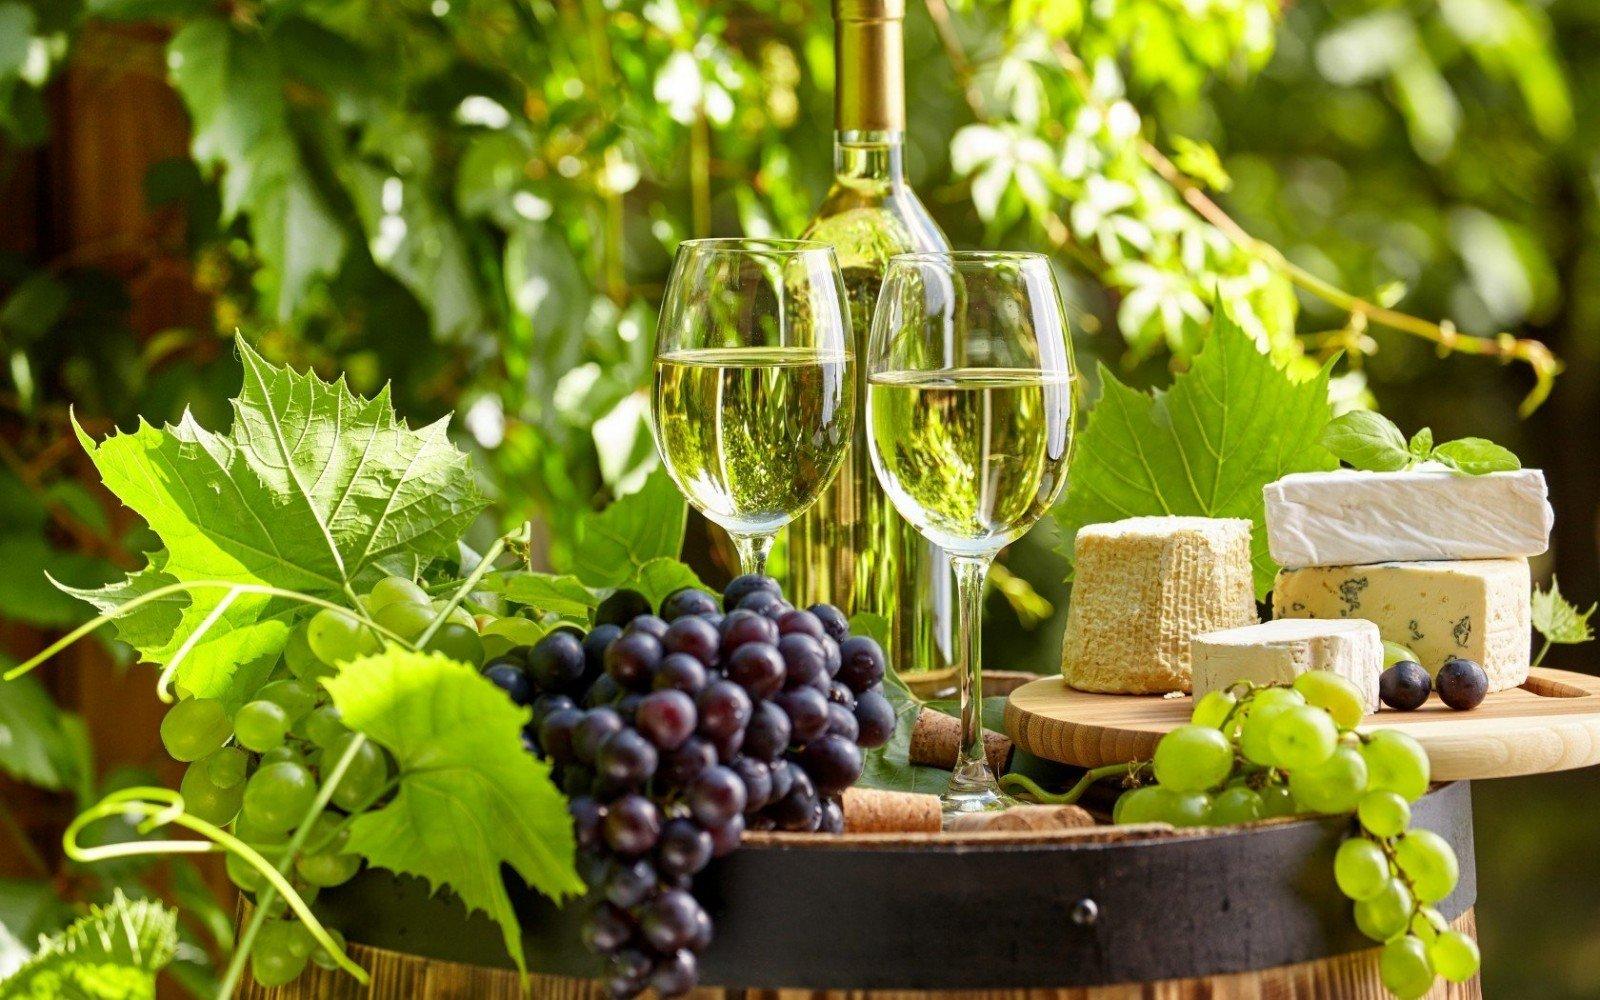 фотообои с виноградной лозой считаются такие части